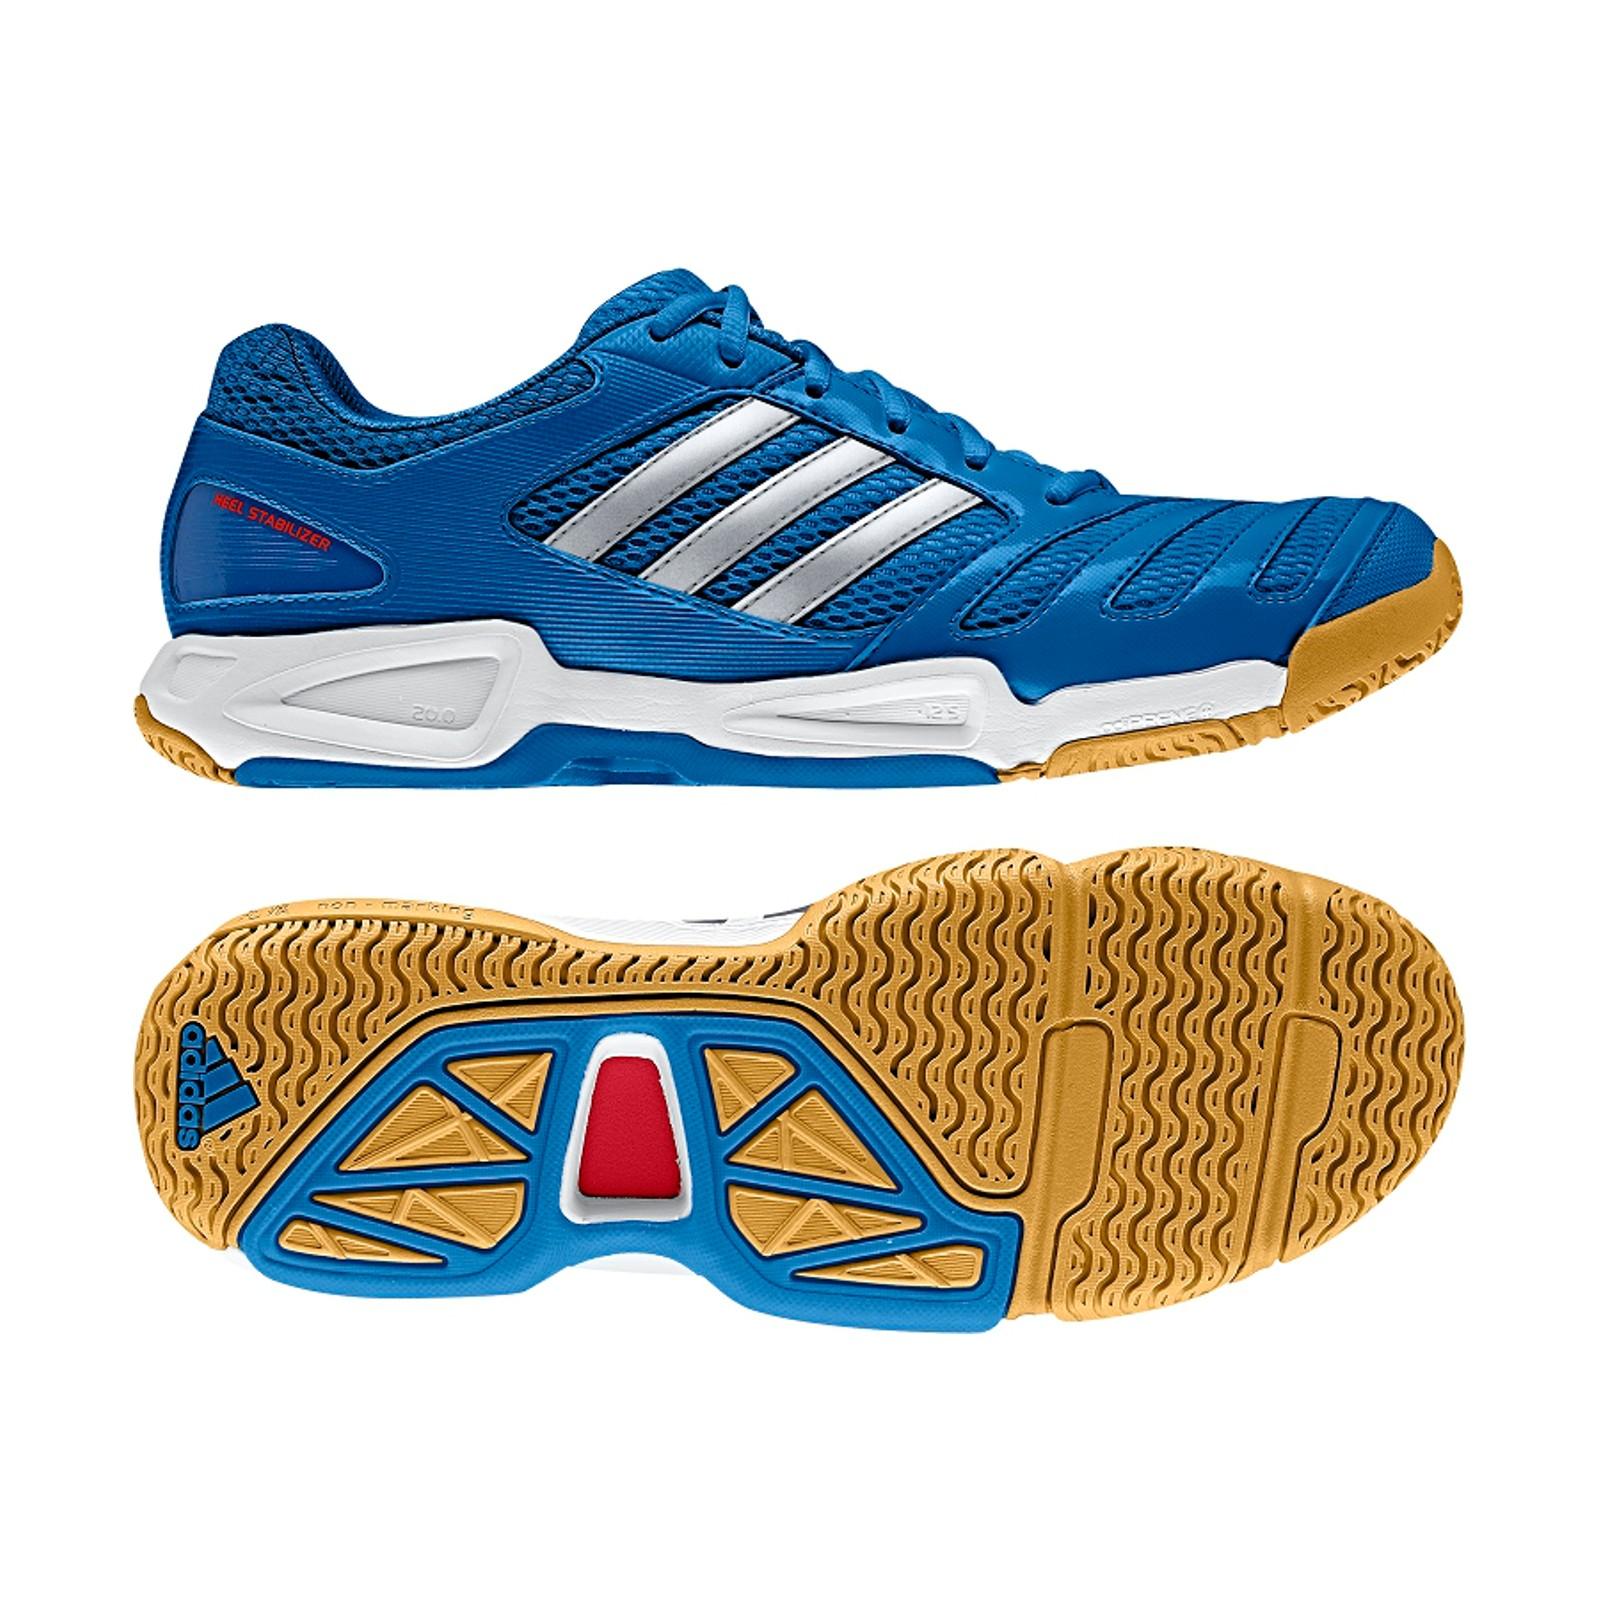 Adidas Feather Fitshop Chaussures Bt De Badminton cAj4R3L5q